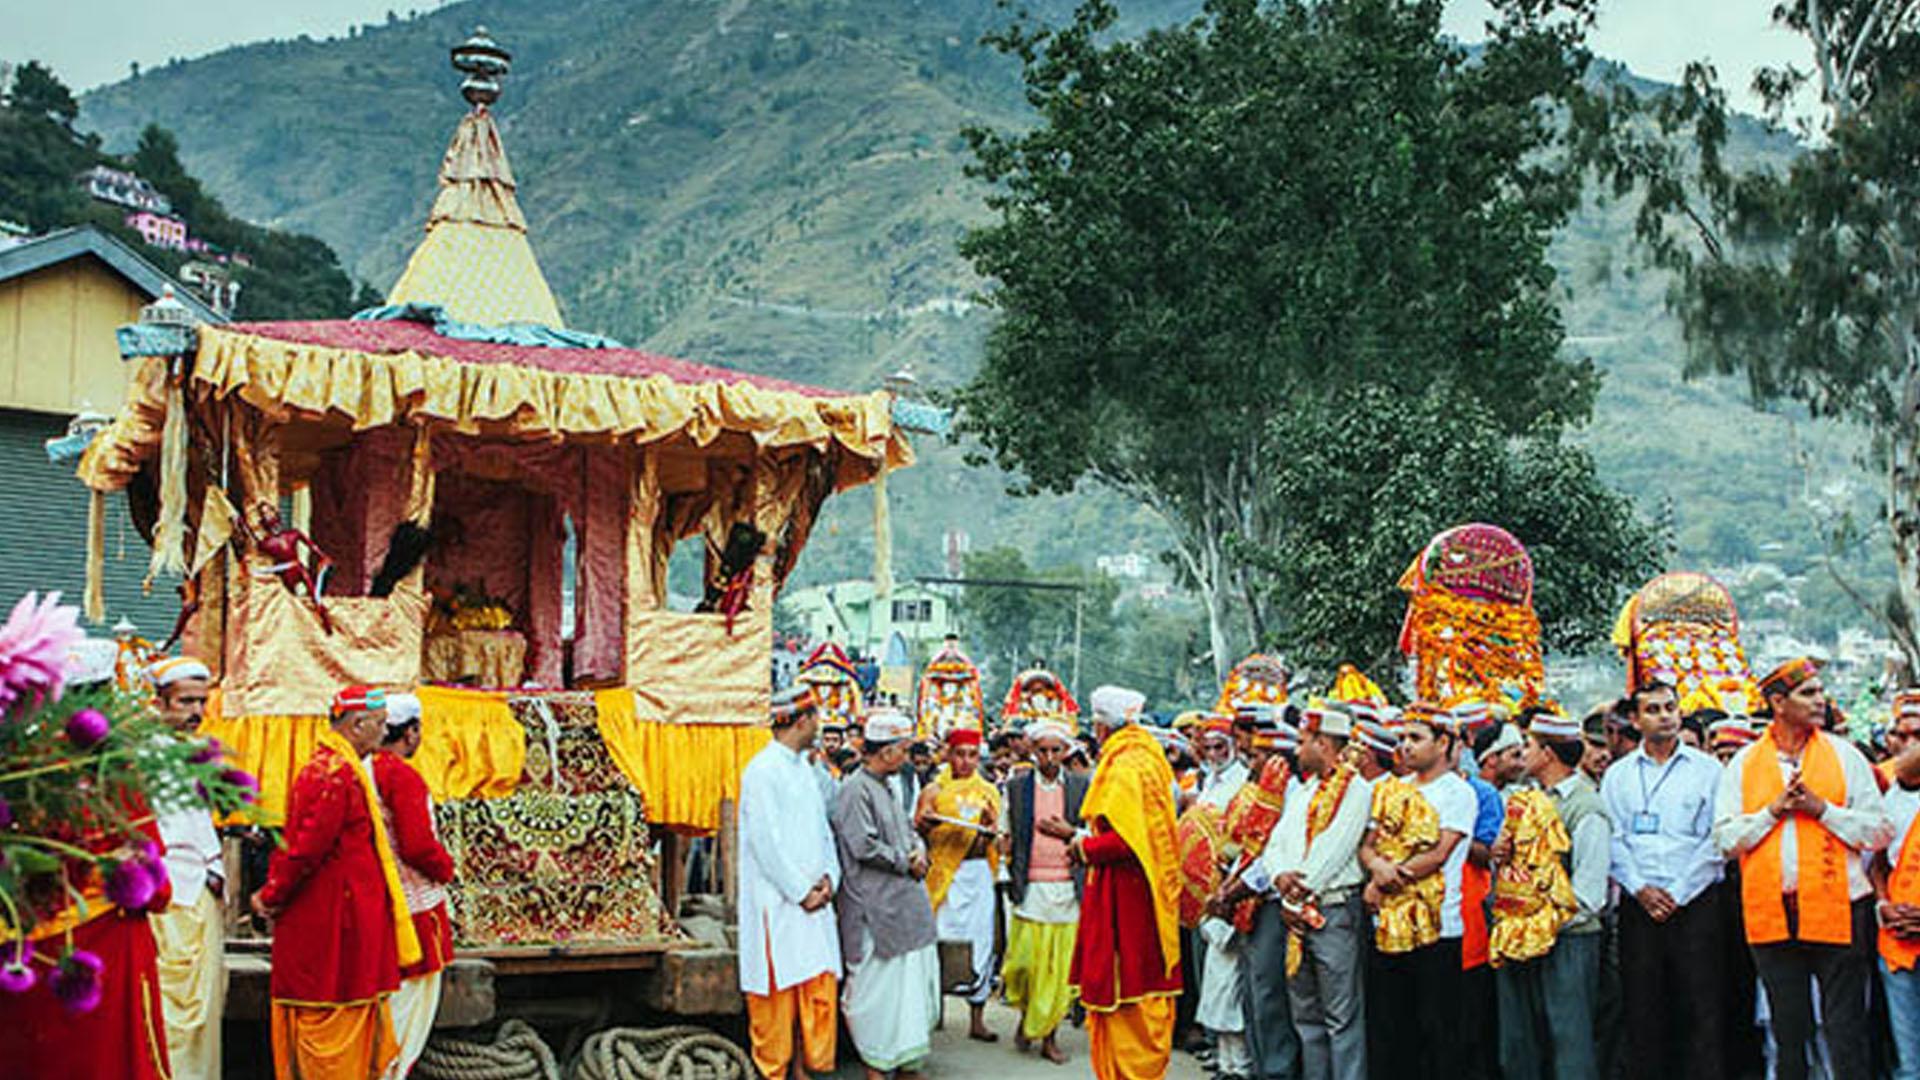 Experience Dussehra in Kullu, India